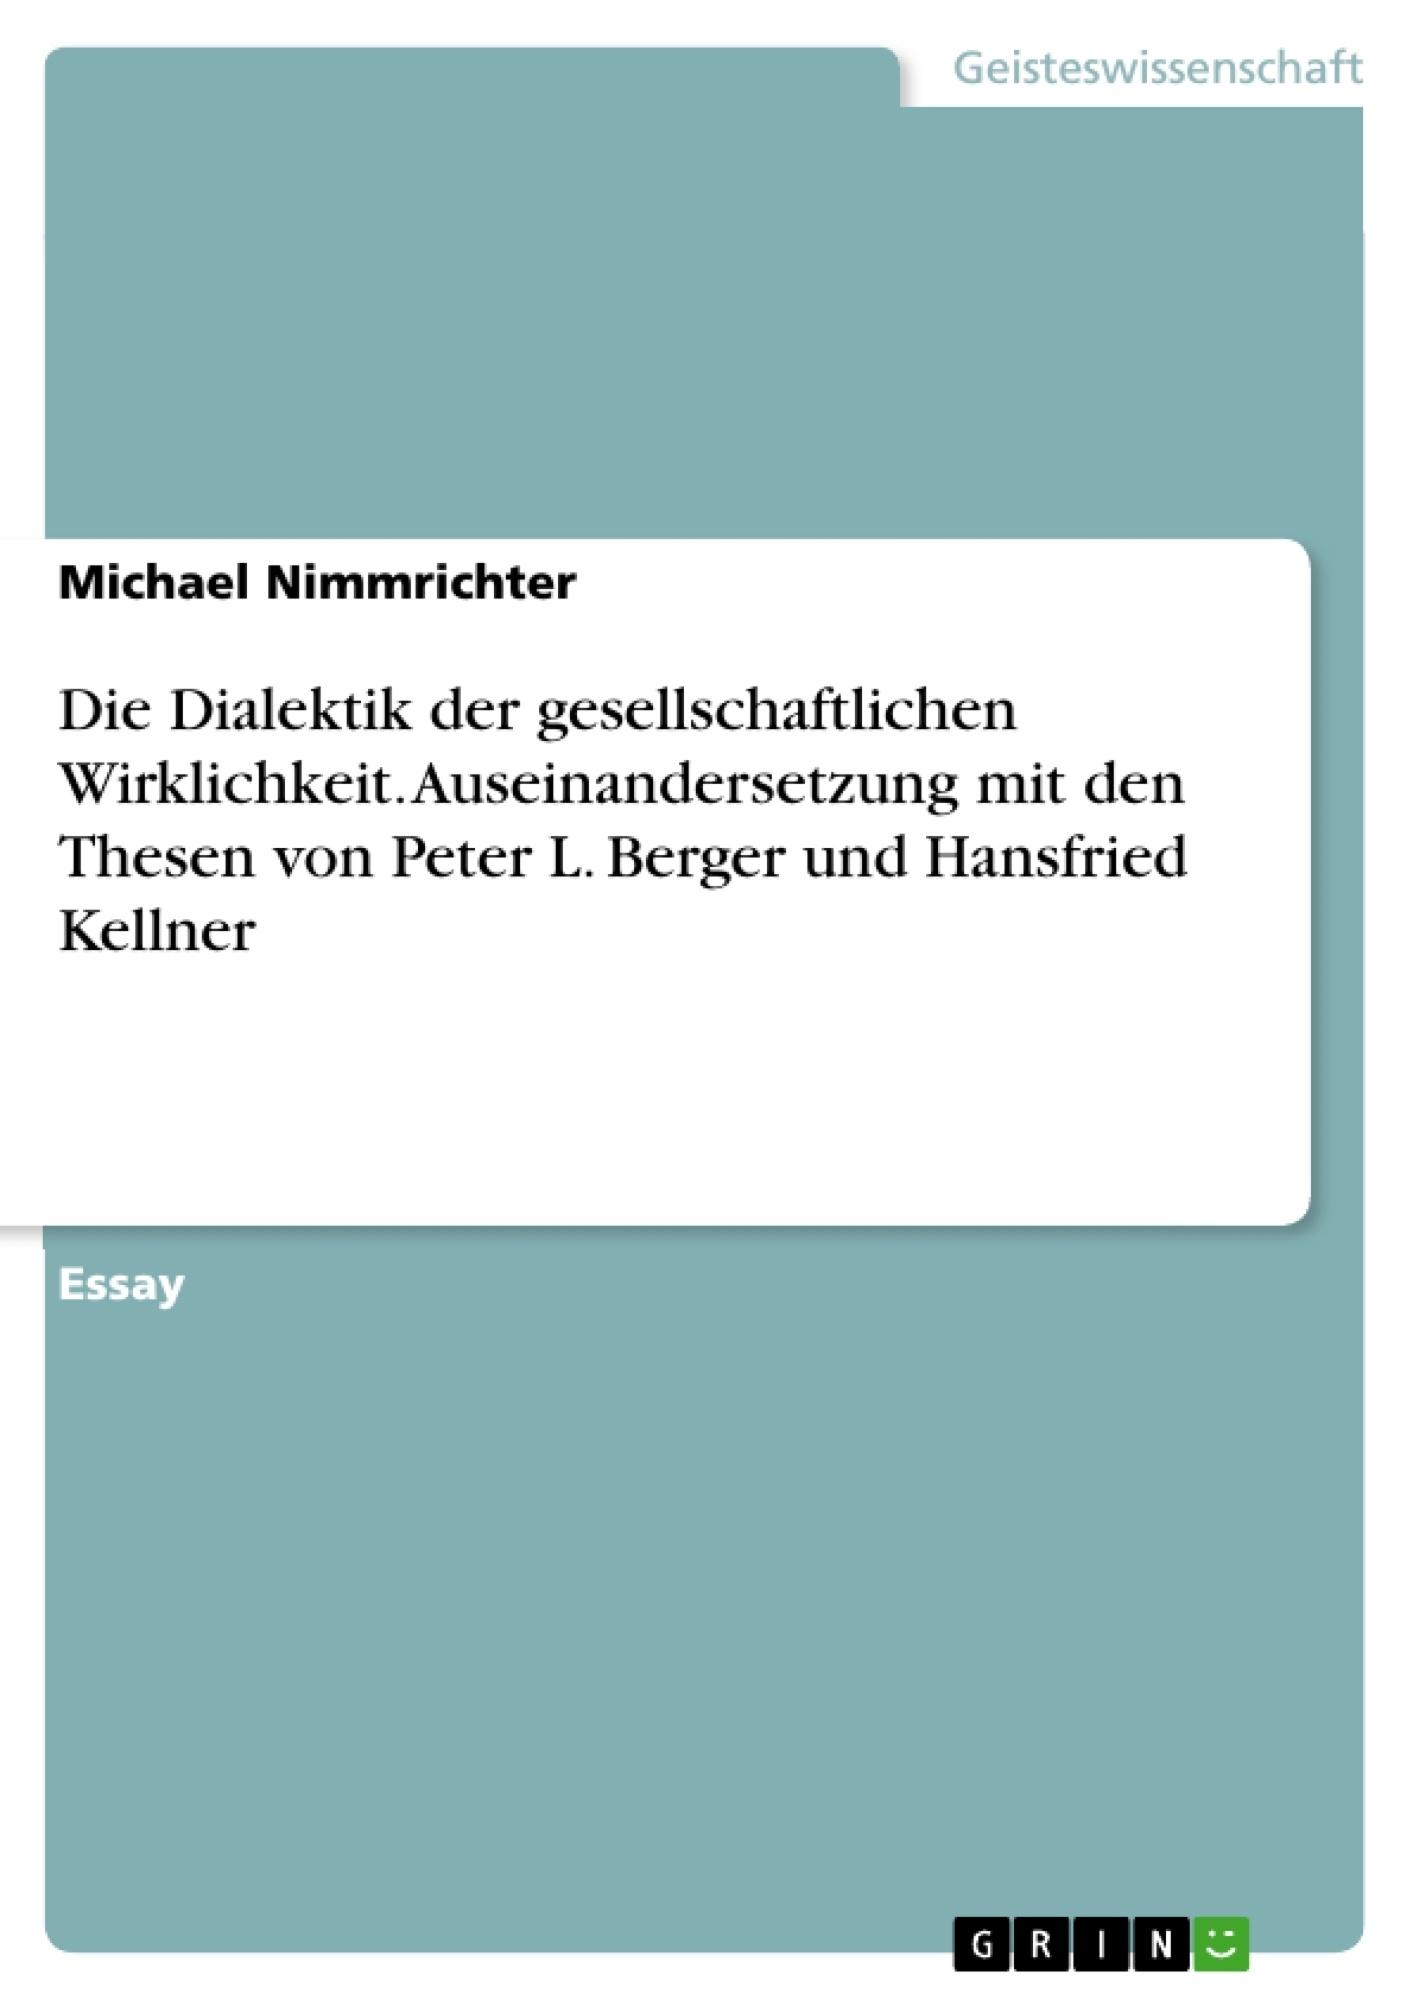 Titel: Die Dialektik der gesellschaftlichen Wirklichkeit. Auseinandersetzung mit den Thesen von Peter L. Berger und Hansfried Kellner